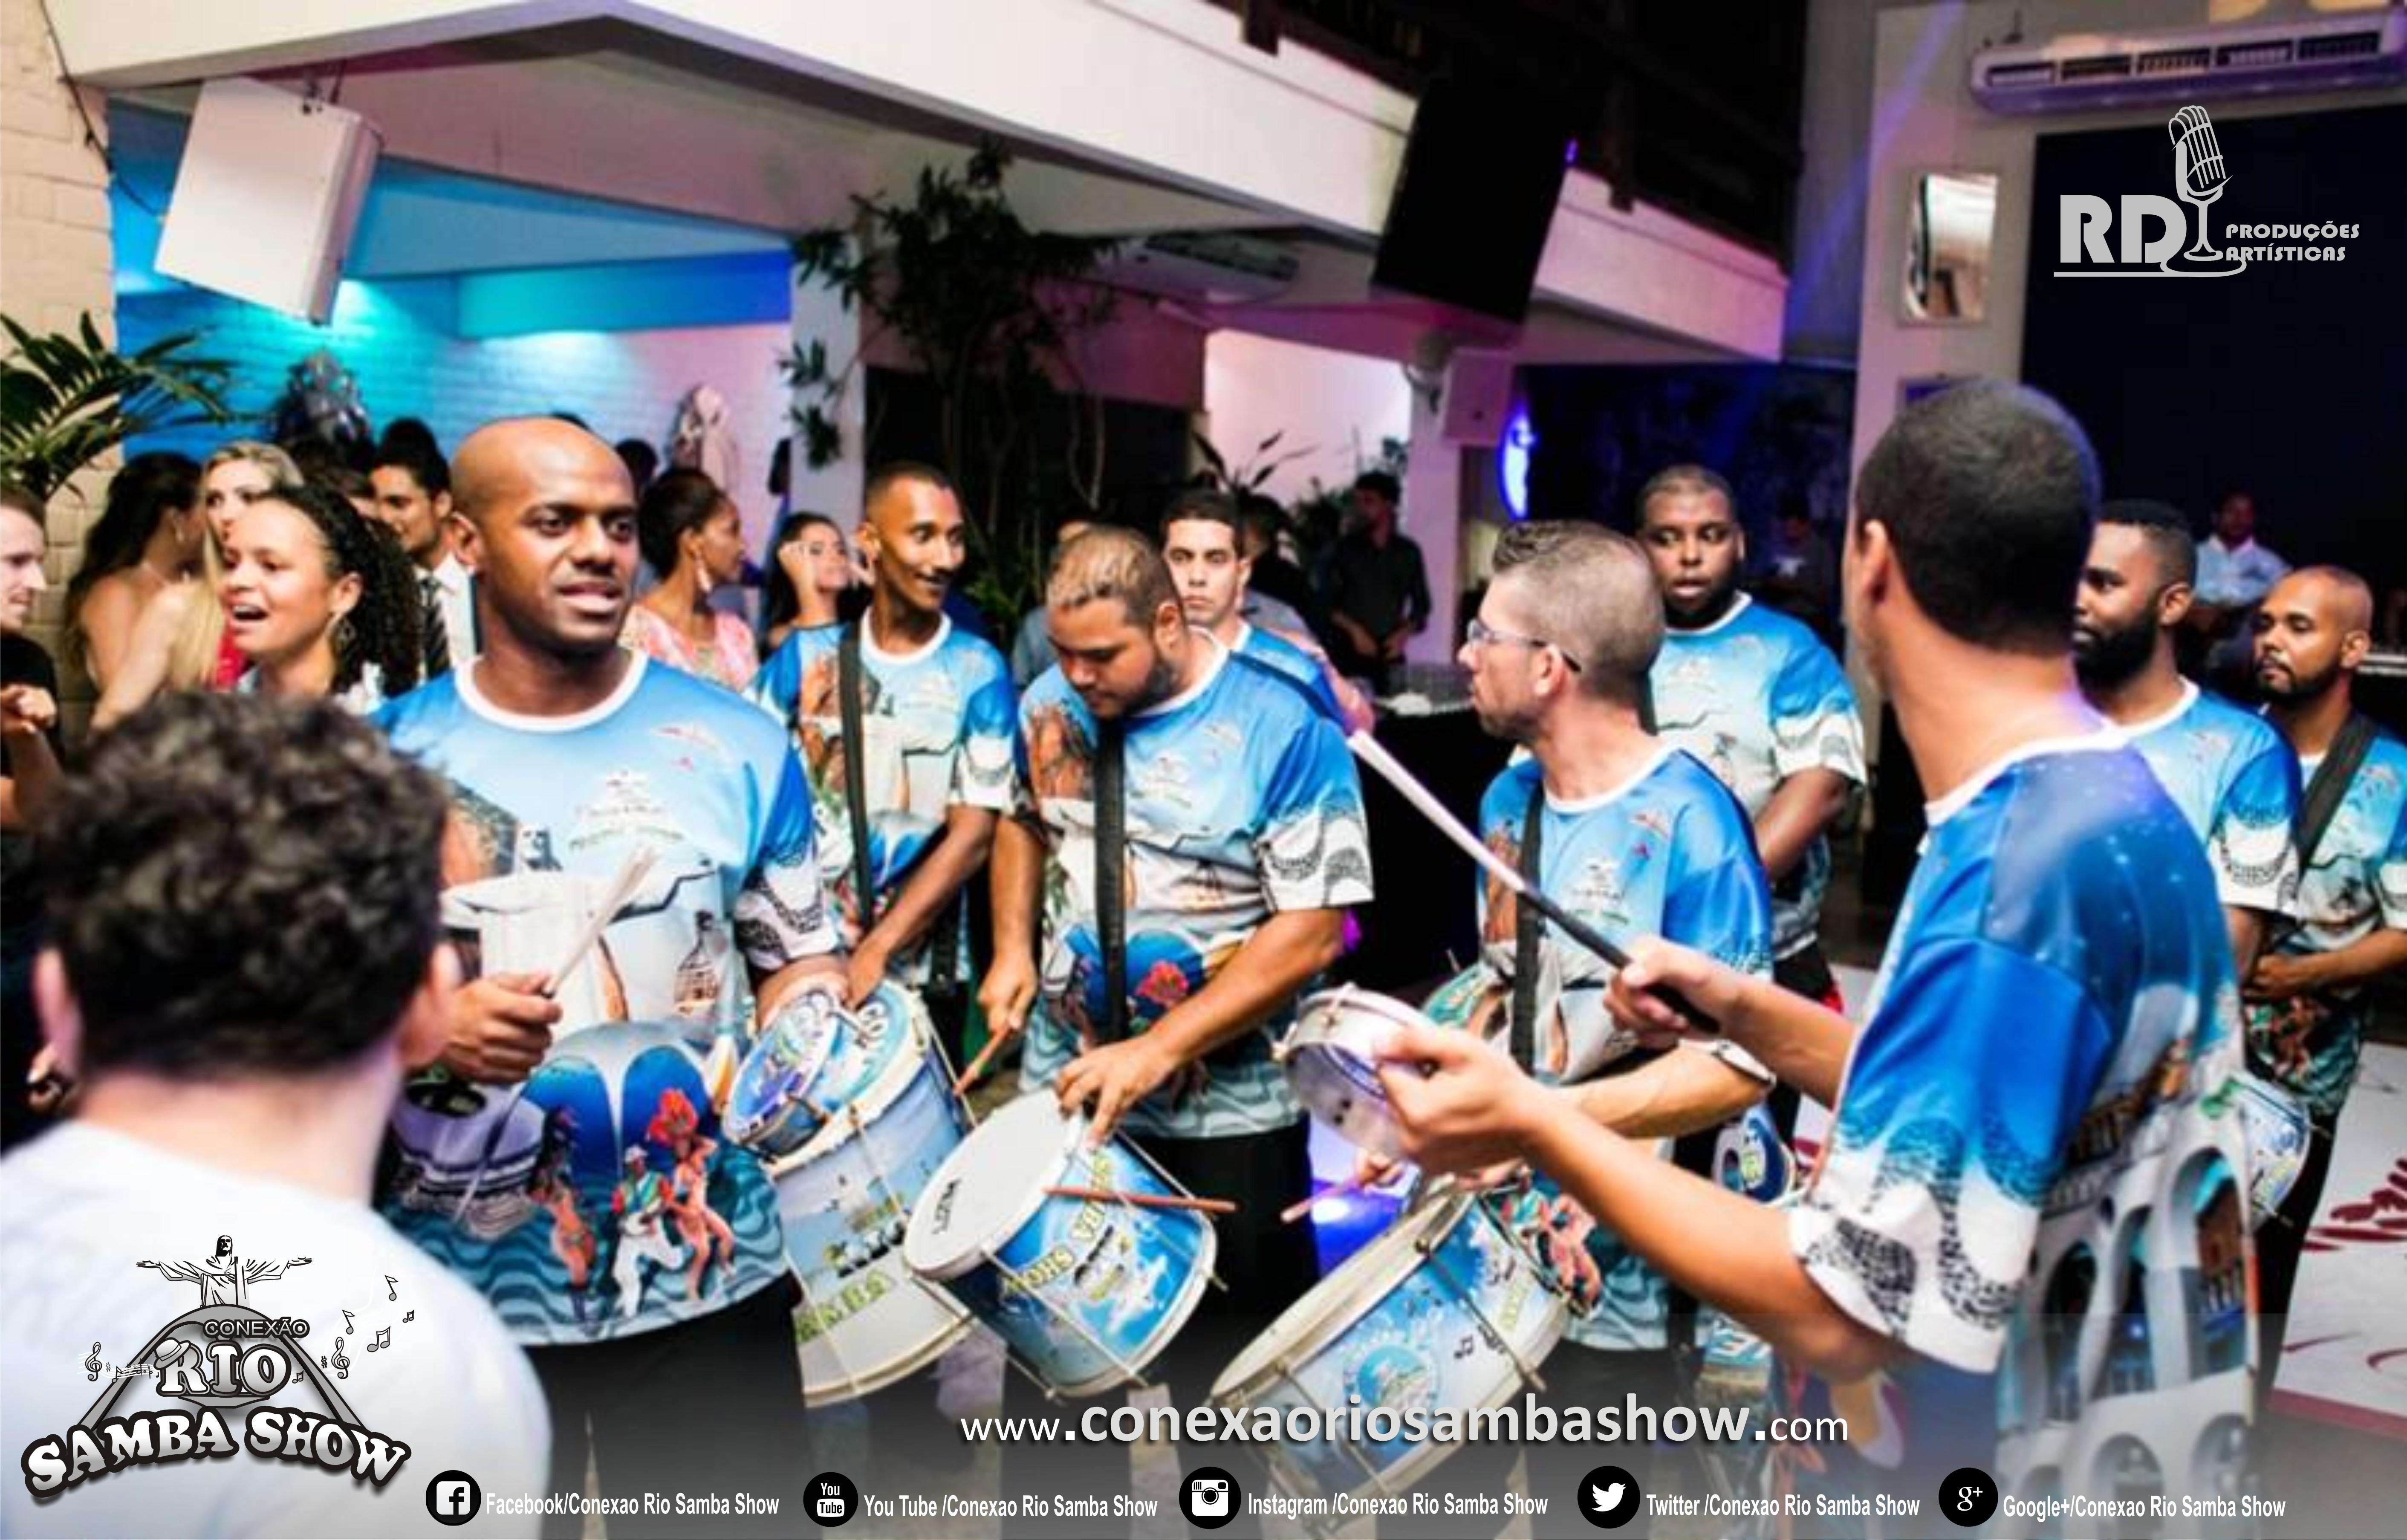 Conexão_rio_samba_show____Formatura_UCAM_Direito_-_04_-_03_-_2017__-_14